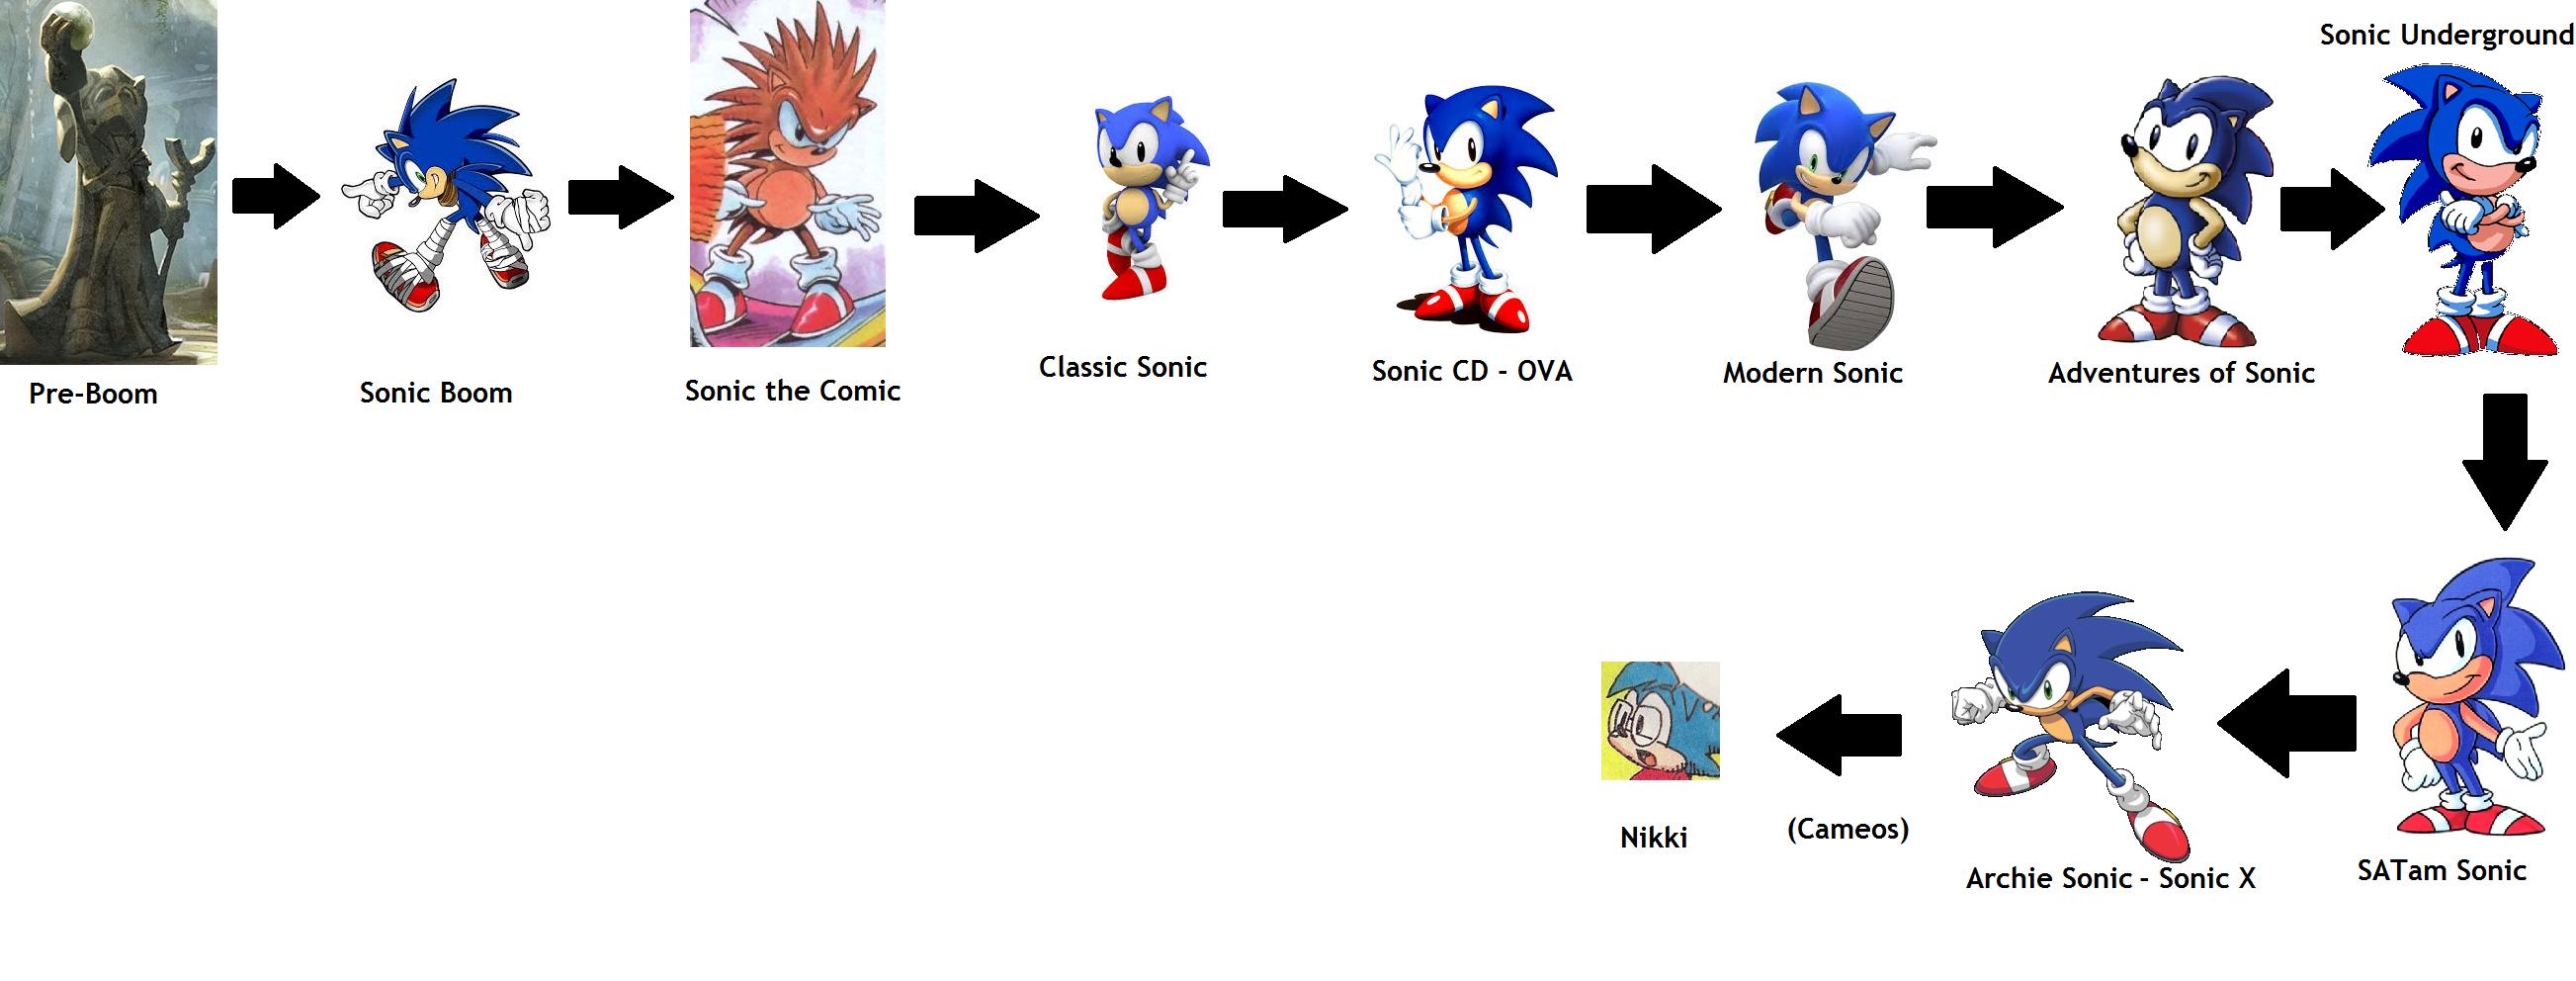 Pre-modern Sonic Sonic Timeline by Animer6031 on DeviantArt